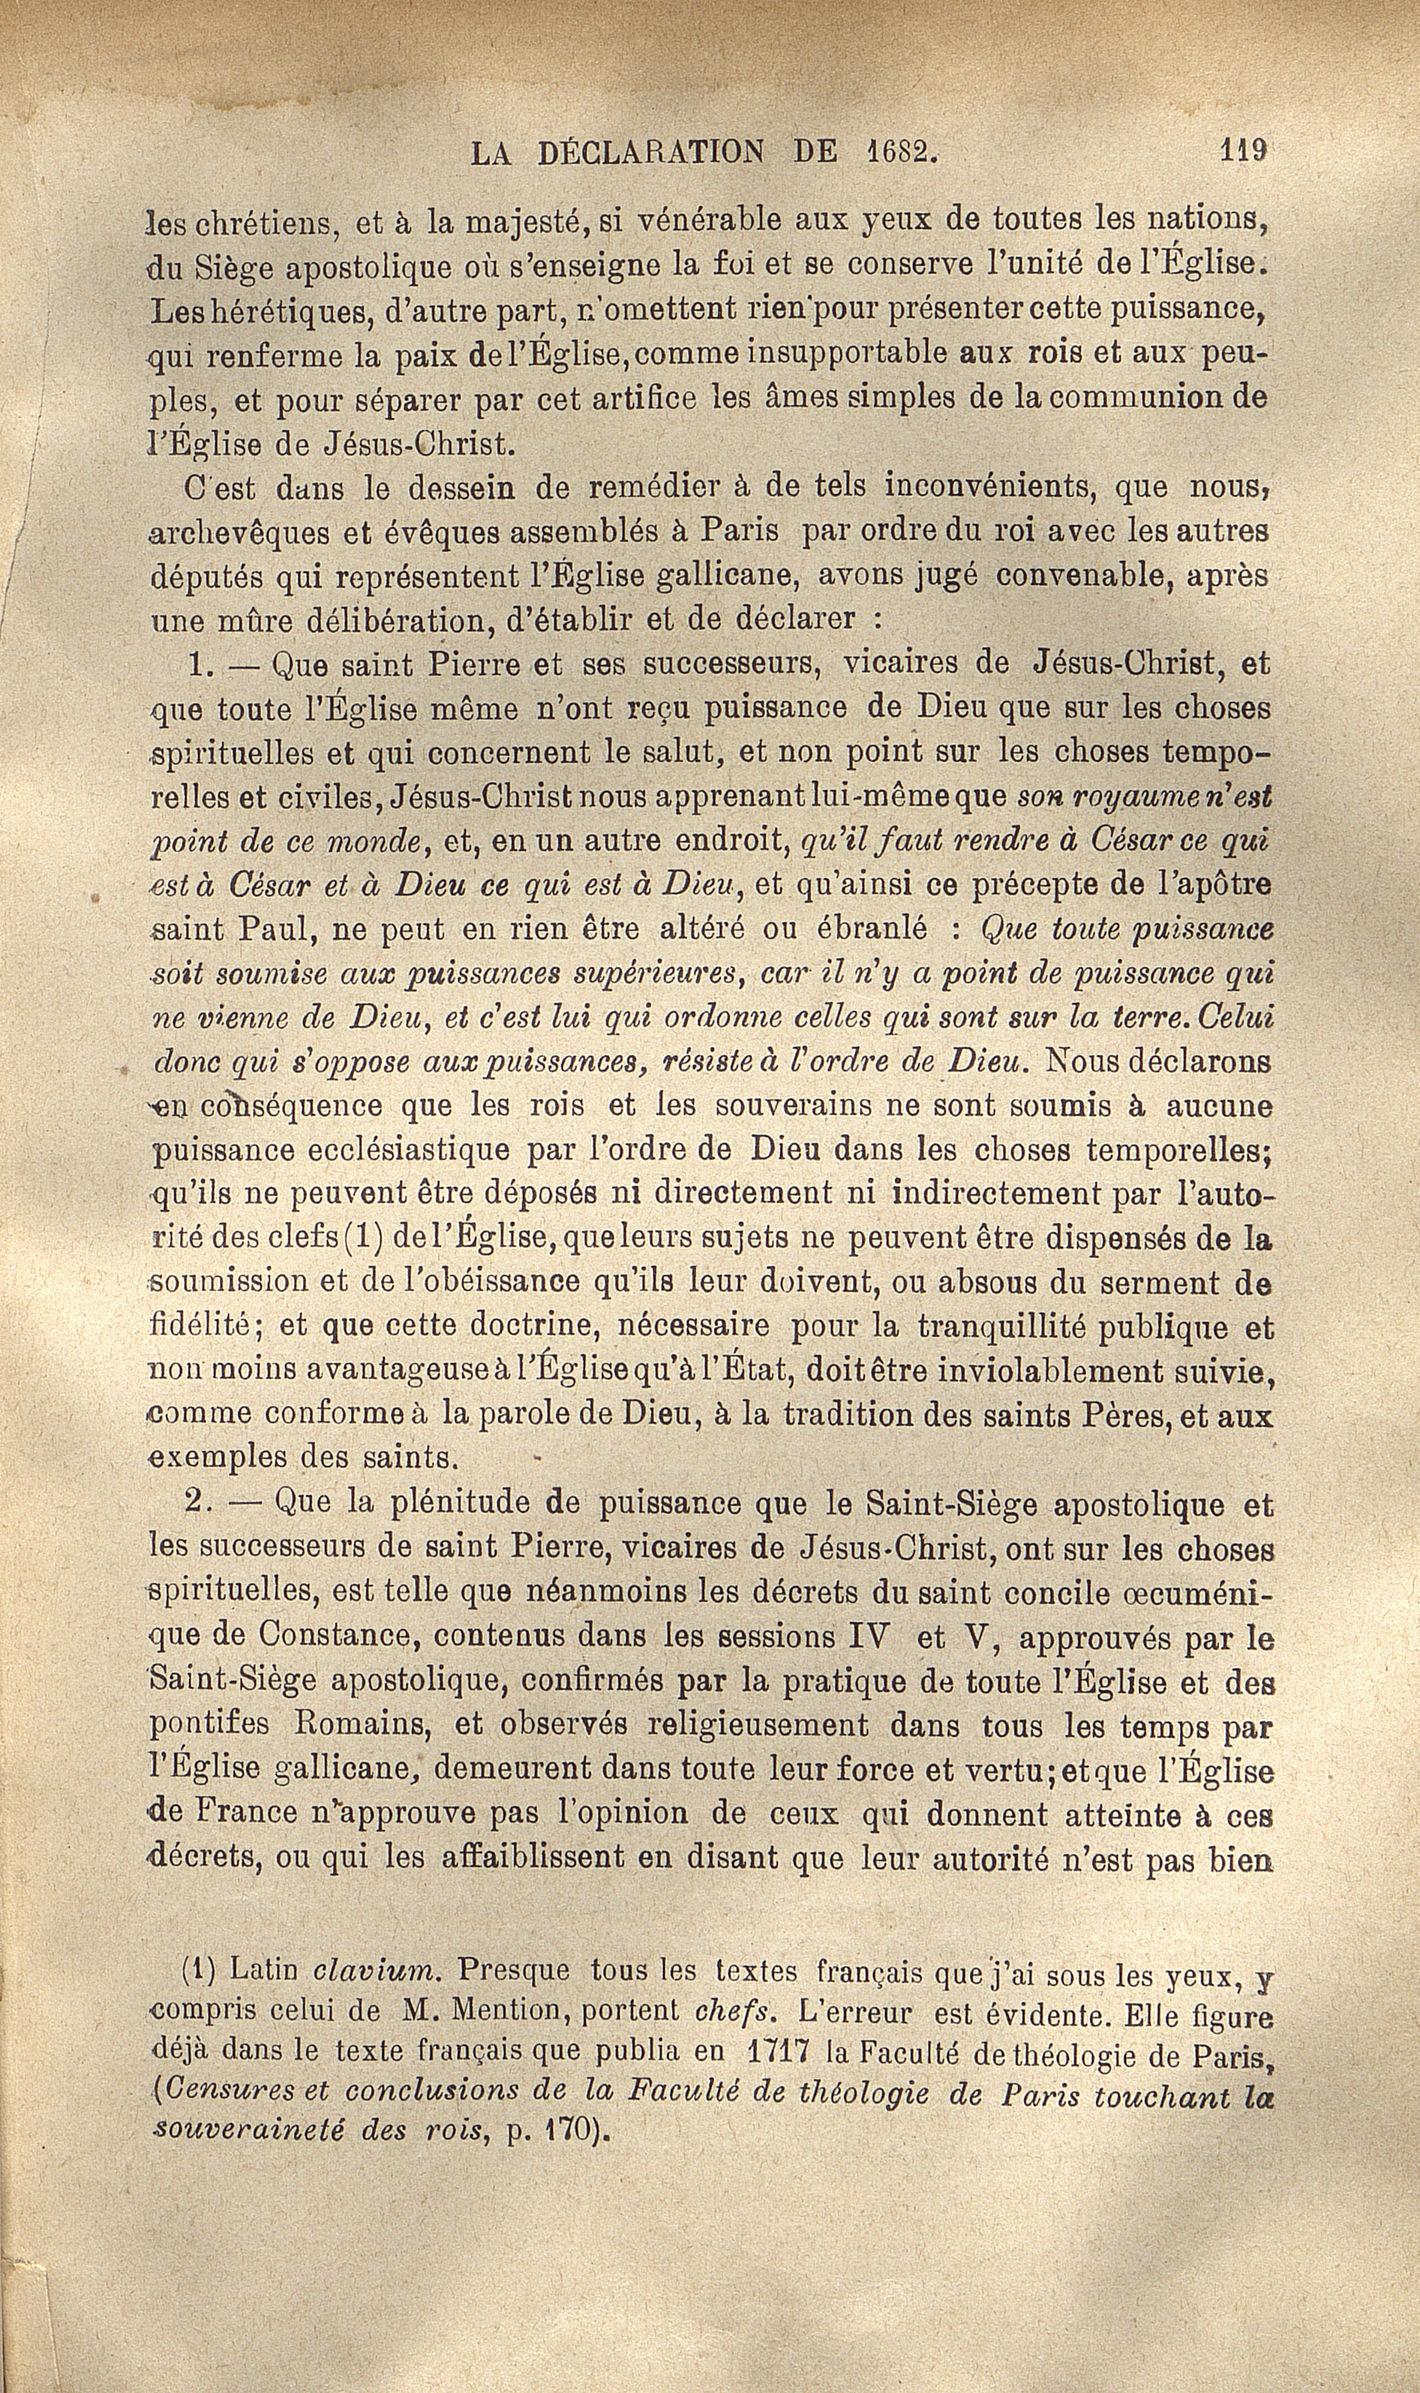 http://expo-paulviollet.univ-paris1.fr/wp-content/uploads/2016/02/0605381272_0133.jpg